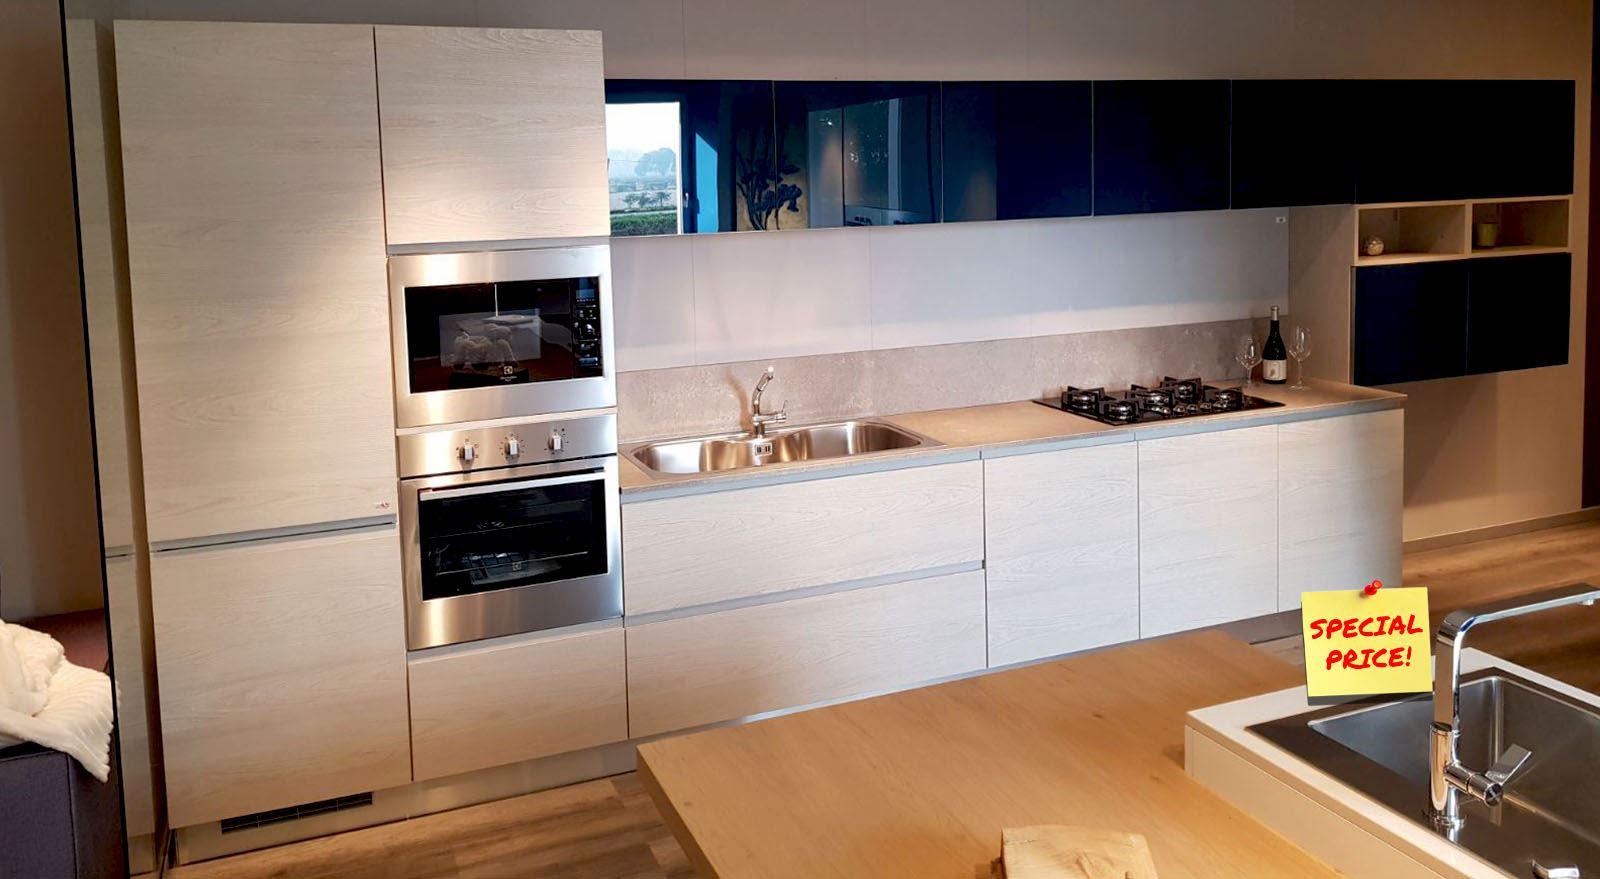 Amato Cucina anta maniglia con pensili in vetro blu cobalto  CP17